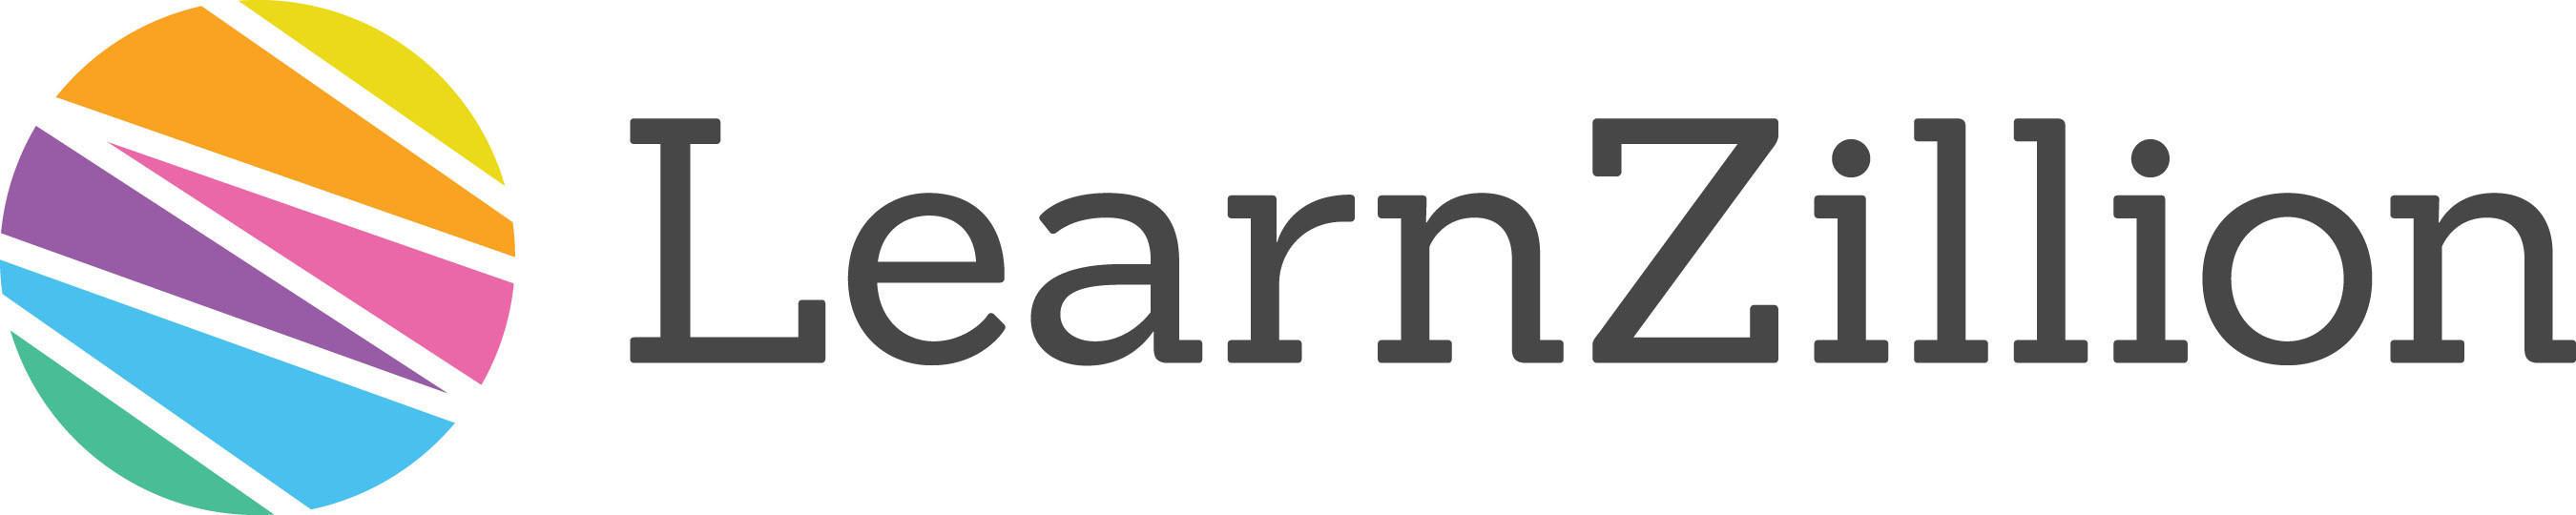 LearnZillion_Logo